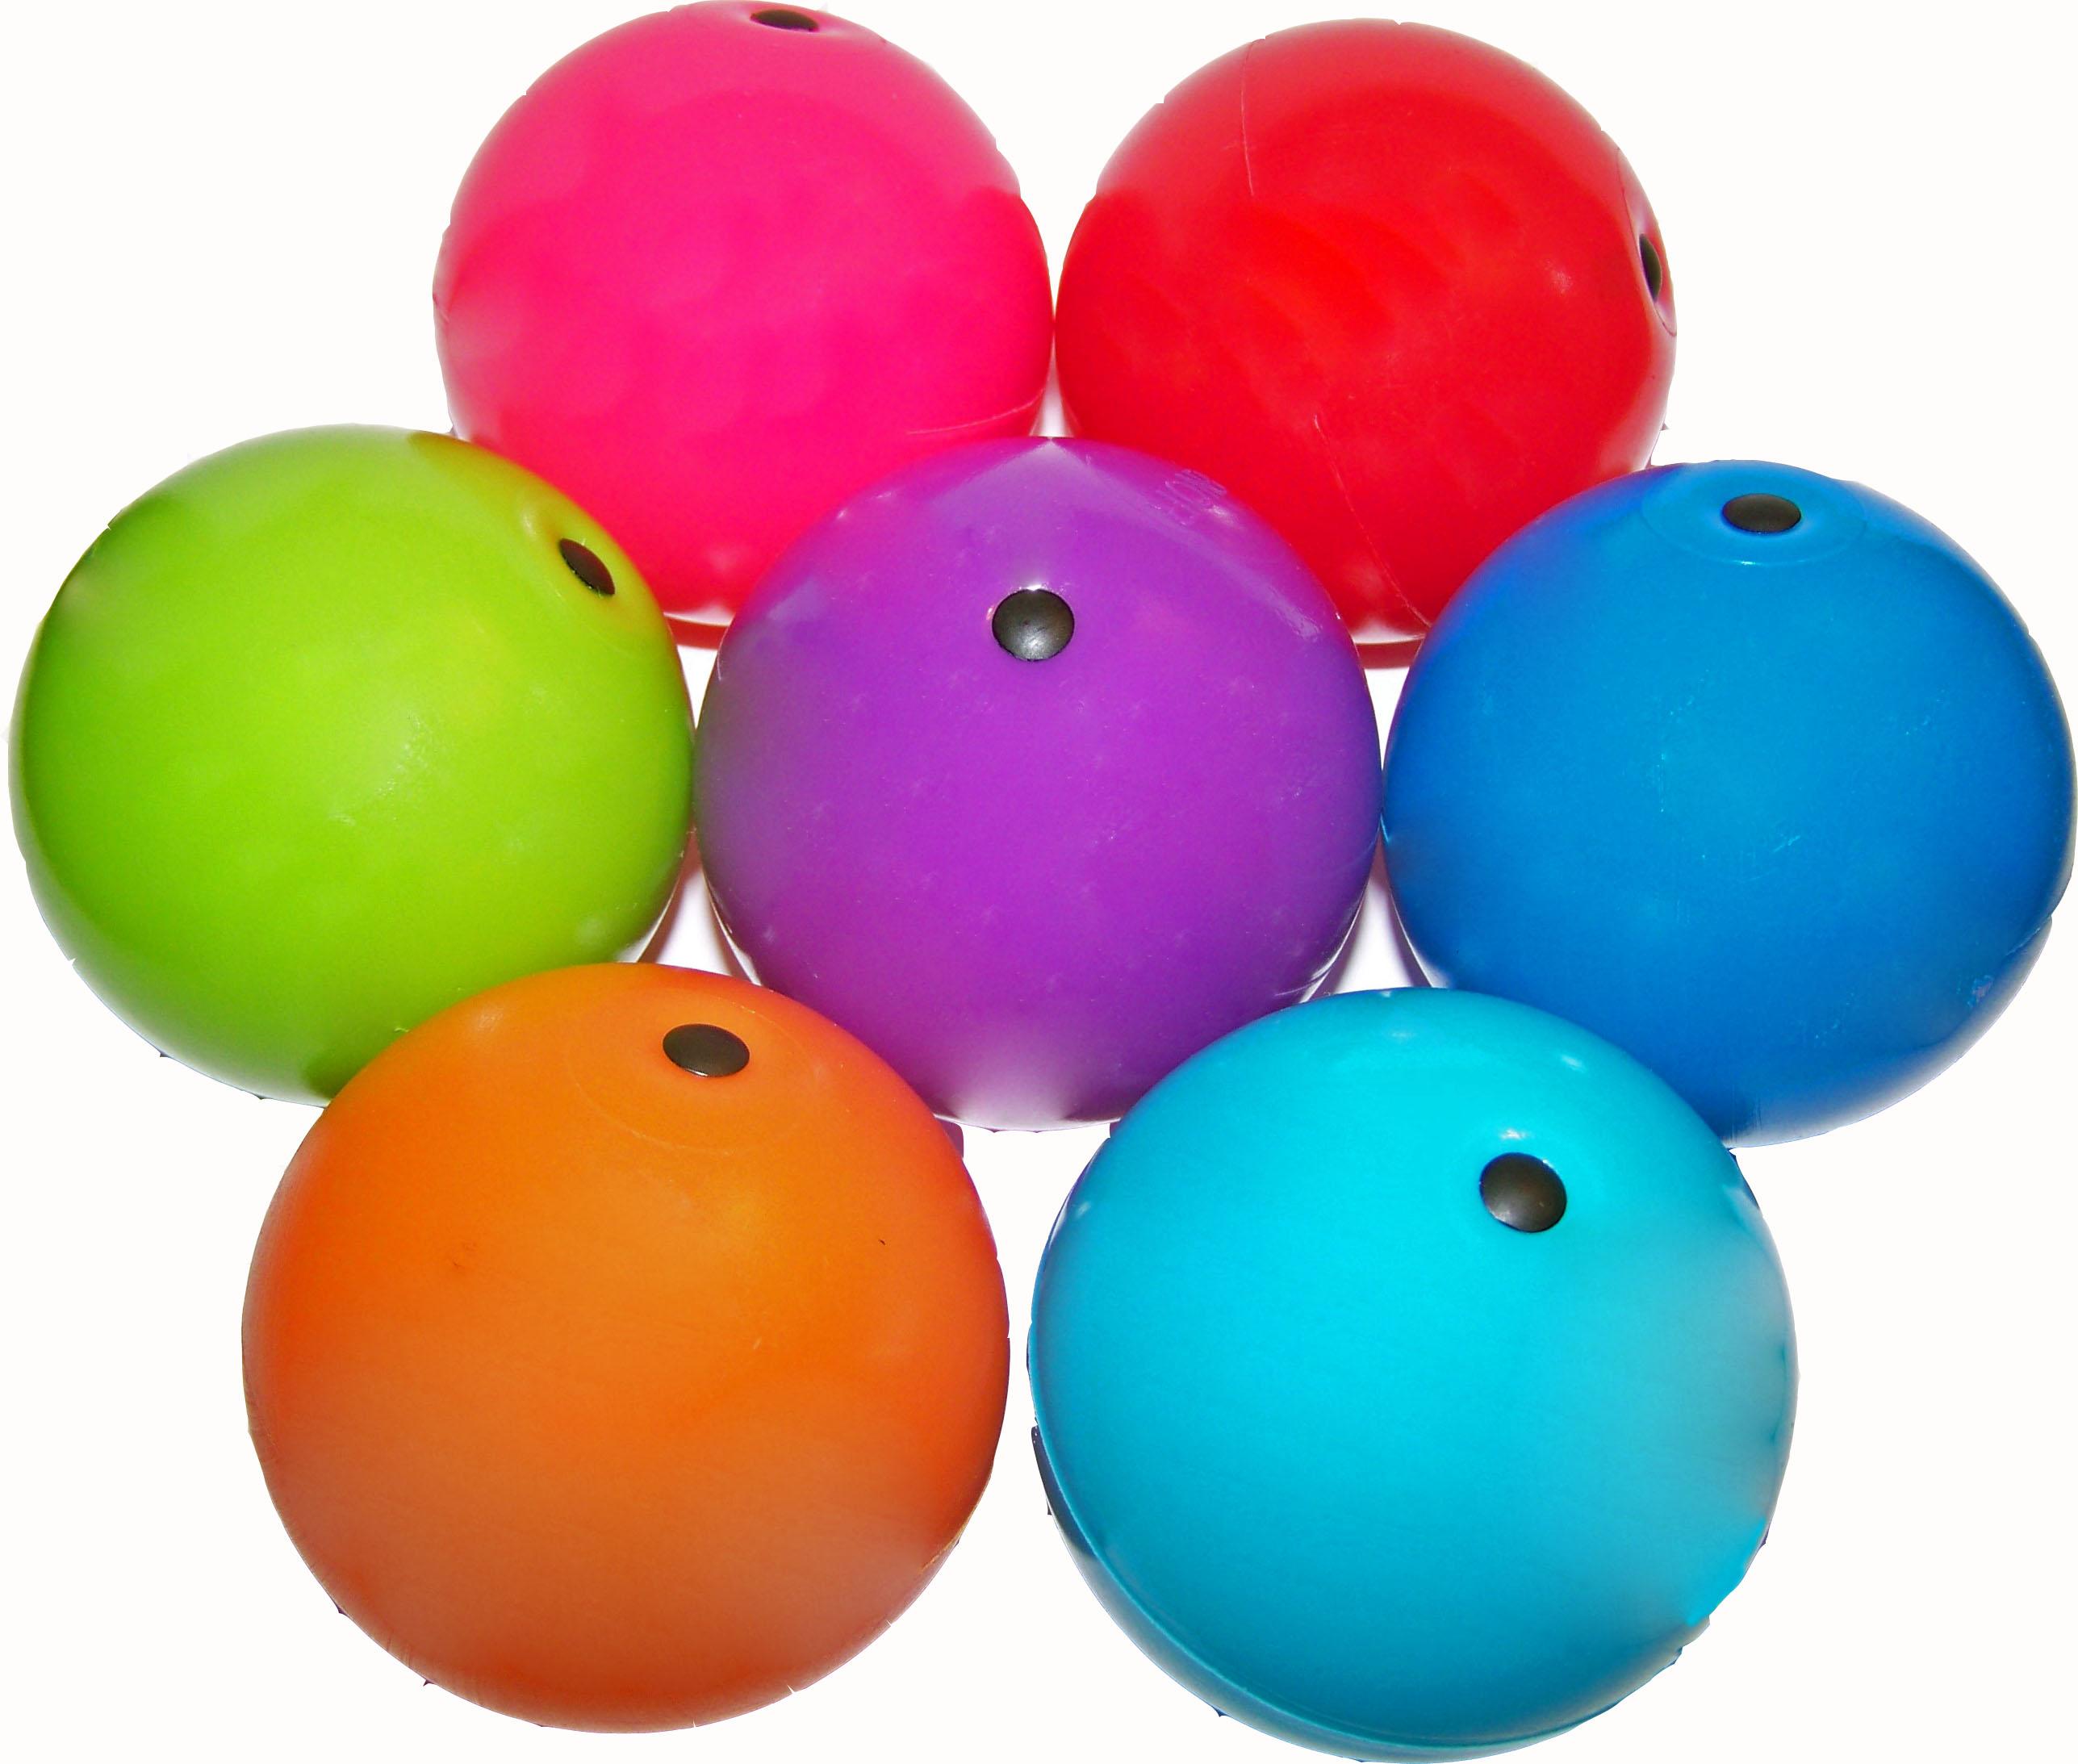 russian balls - hybrid juggling balls